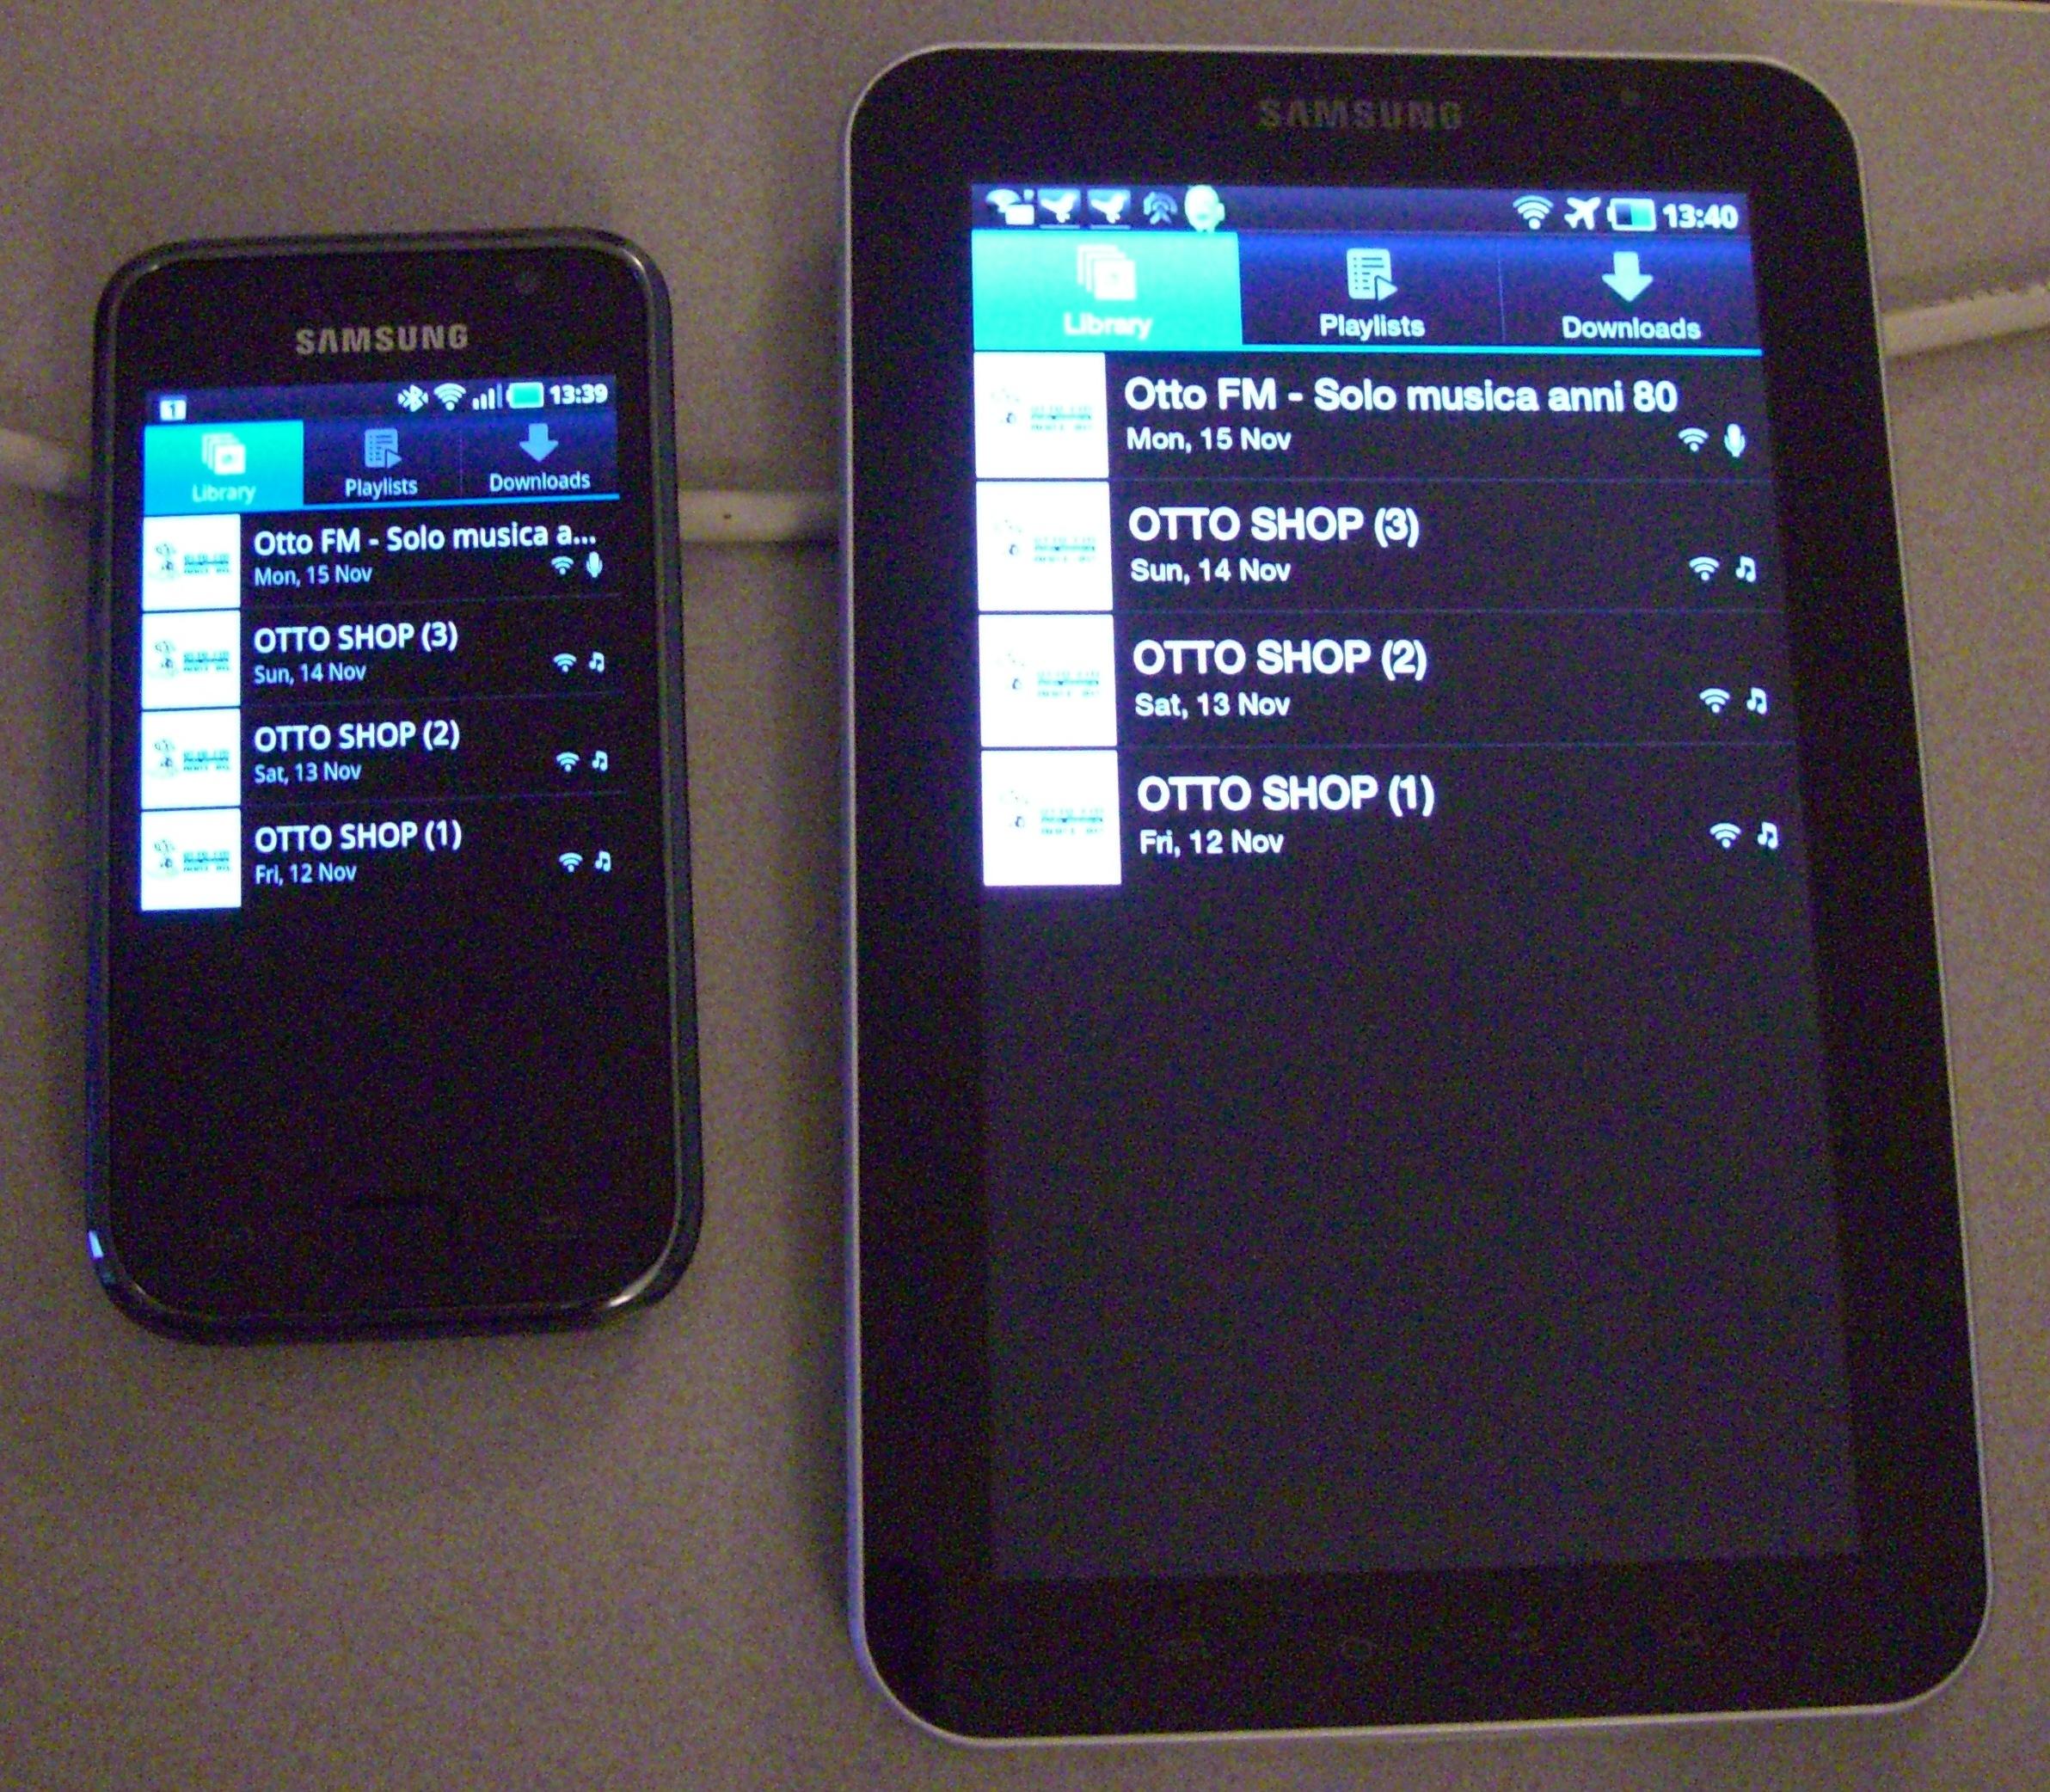 Drivecast20immagine20su20Tablet20pc - Radio digitale. Iniziate le prime veicolazioni di programmi in streaming con tecnologia Drivecast